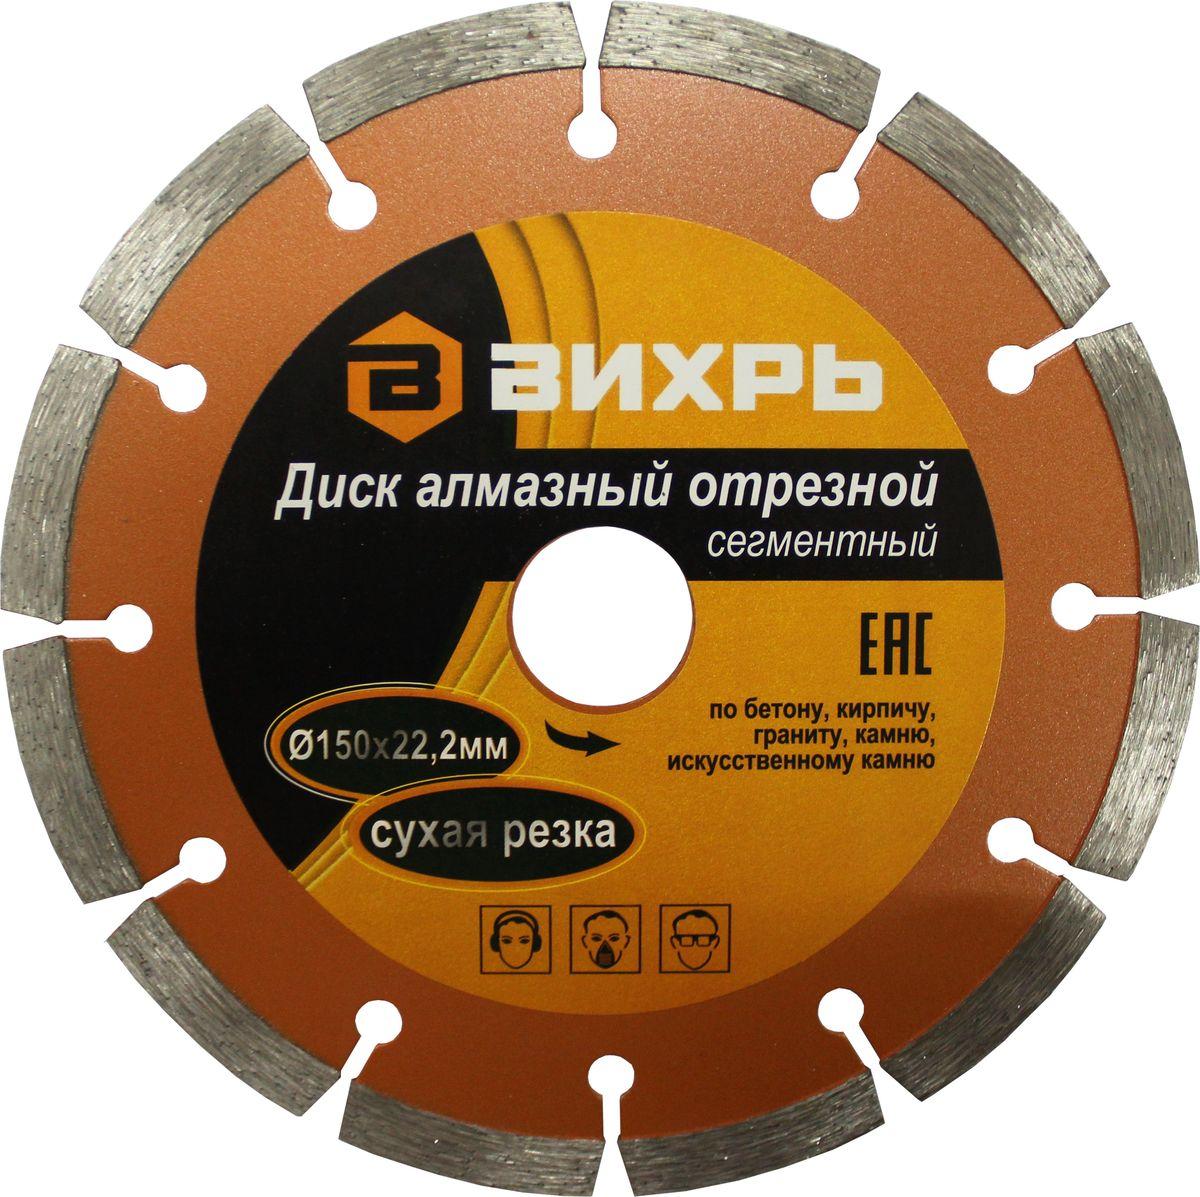 Диск алмазный отрезной Вихрь, сегментный, сухая резка, 150 х 22,2 мм диск алмазный отрезной сегментный sparta europa standard сухая резка 230 х 22 2 мм